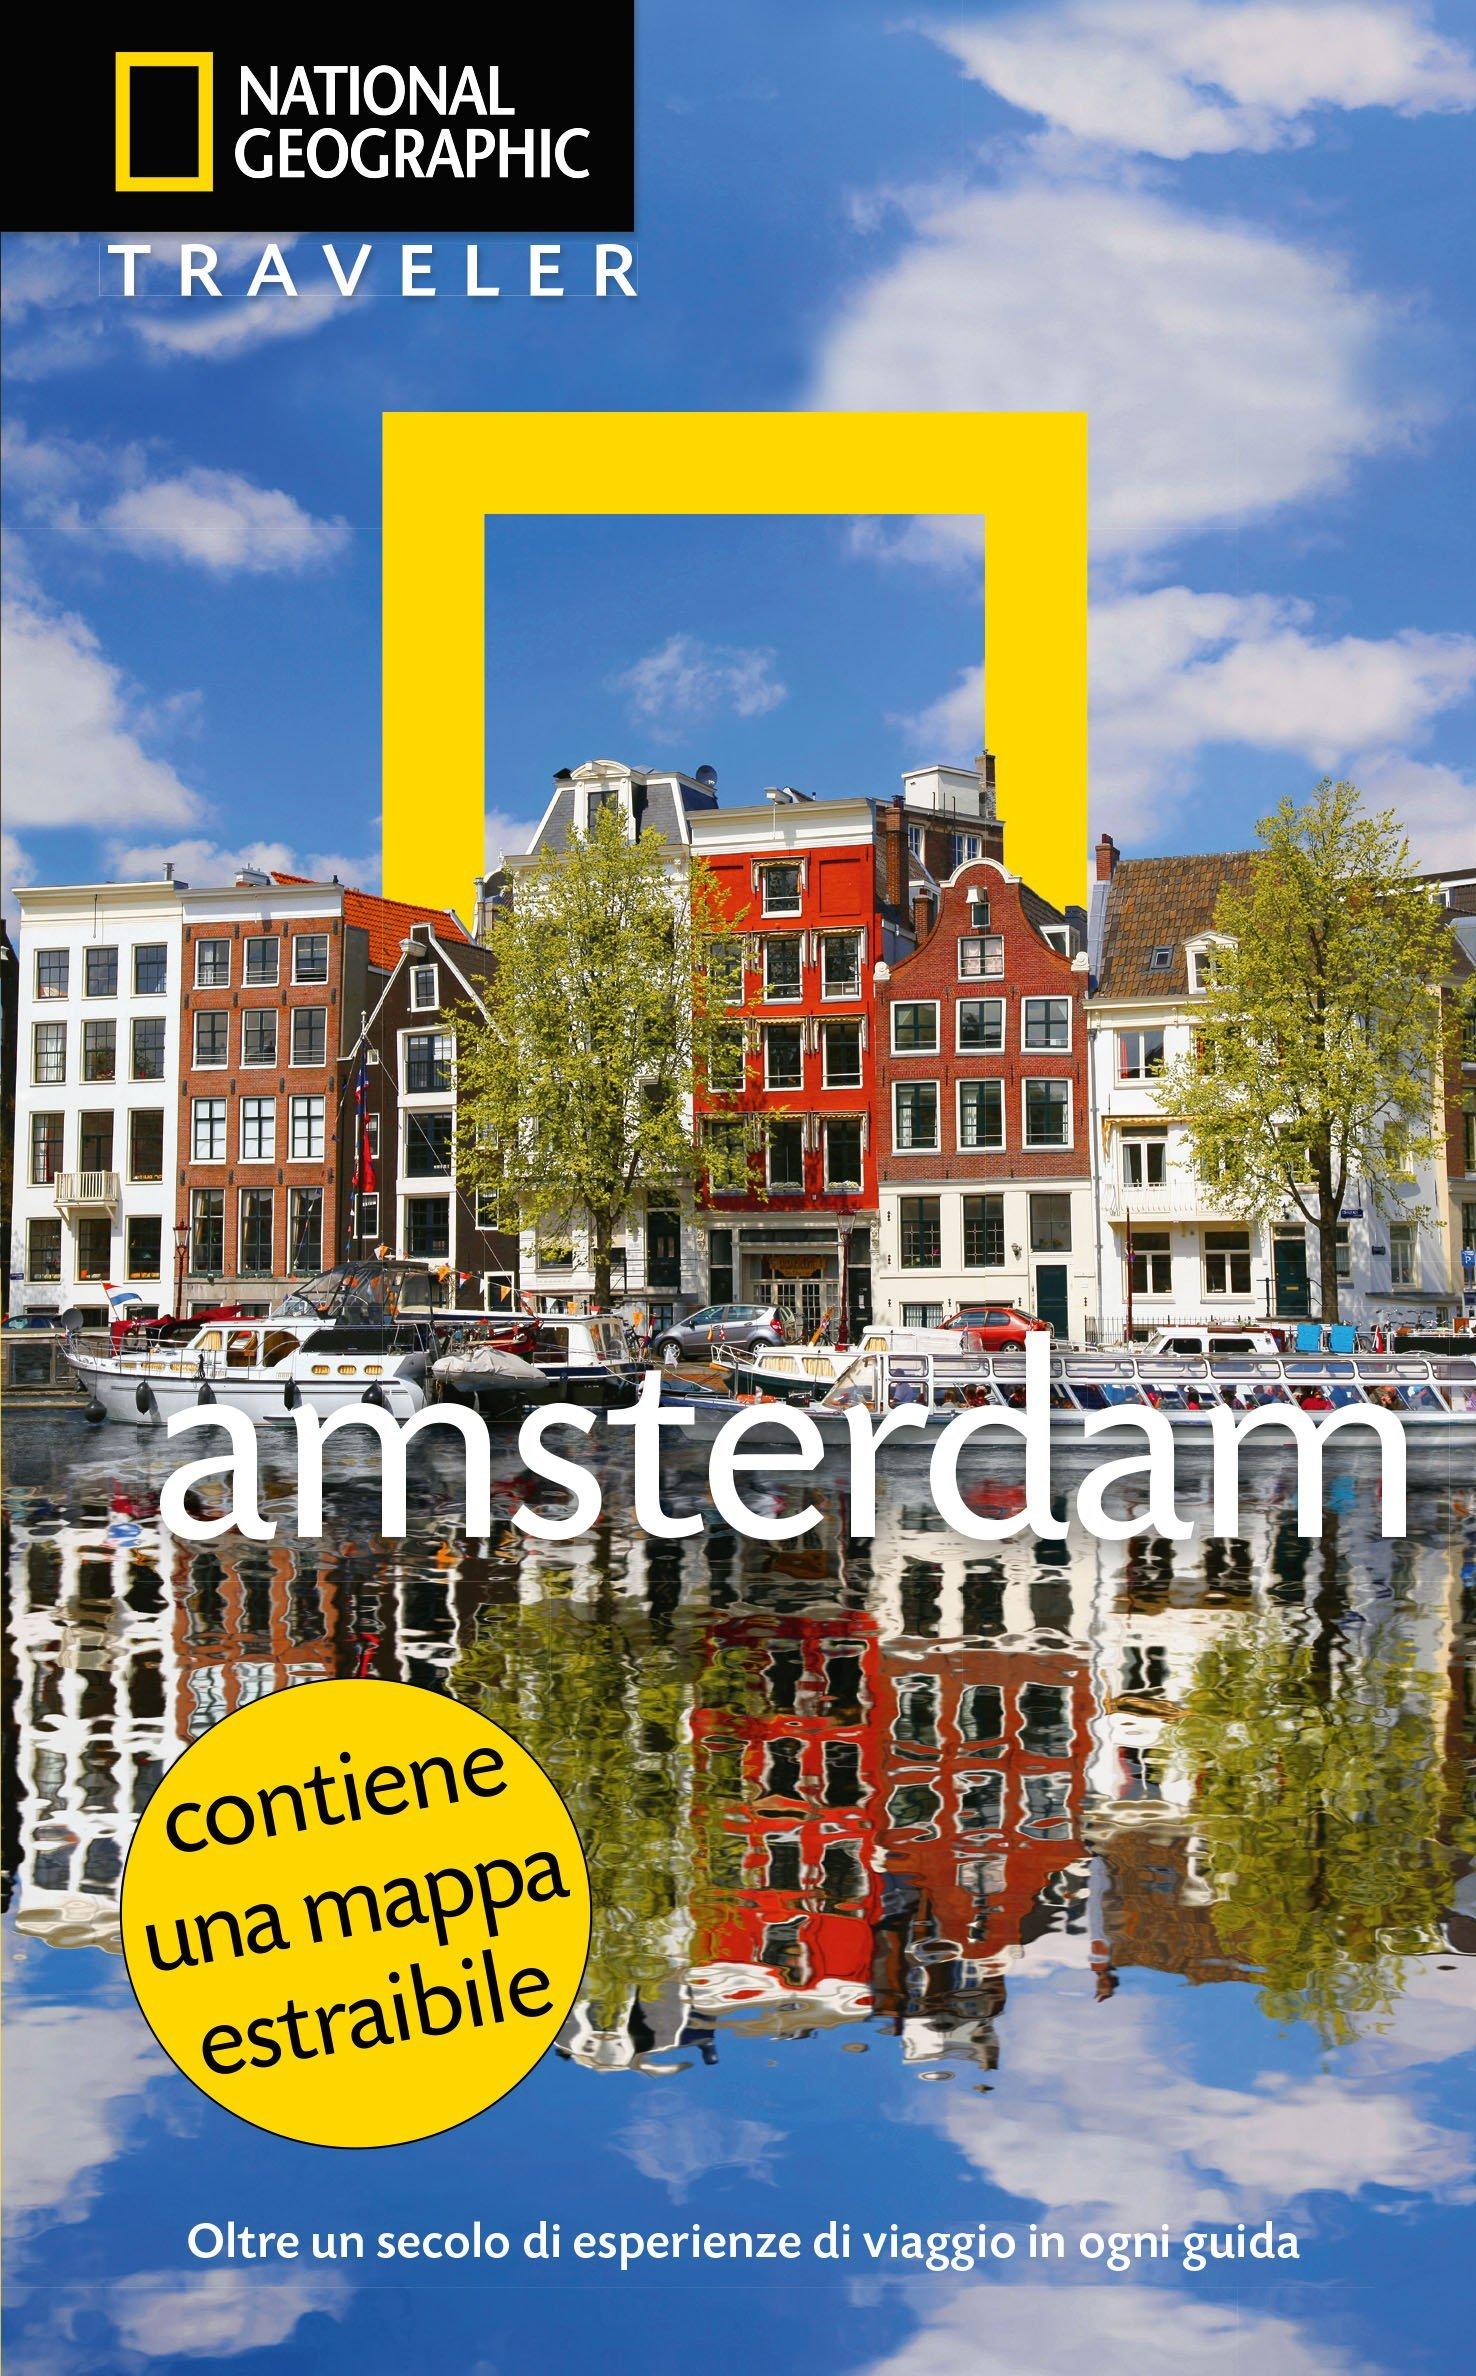 Cartina Amsterdam.Amsterdam Con Cartina Catling Christopher Le Breton Gabriella 9788854031364 Amazon Com Books